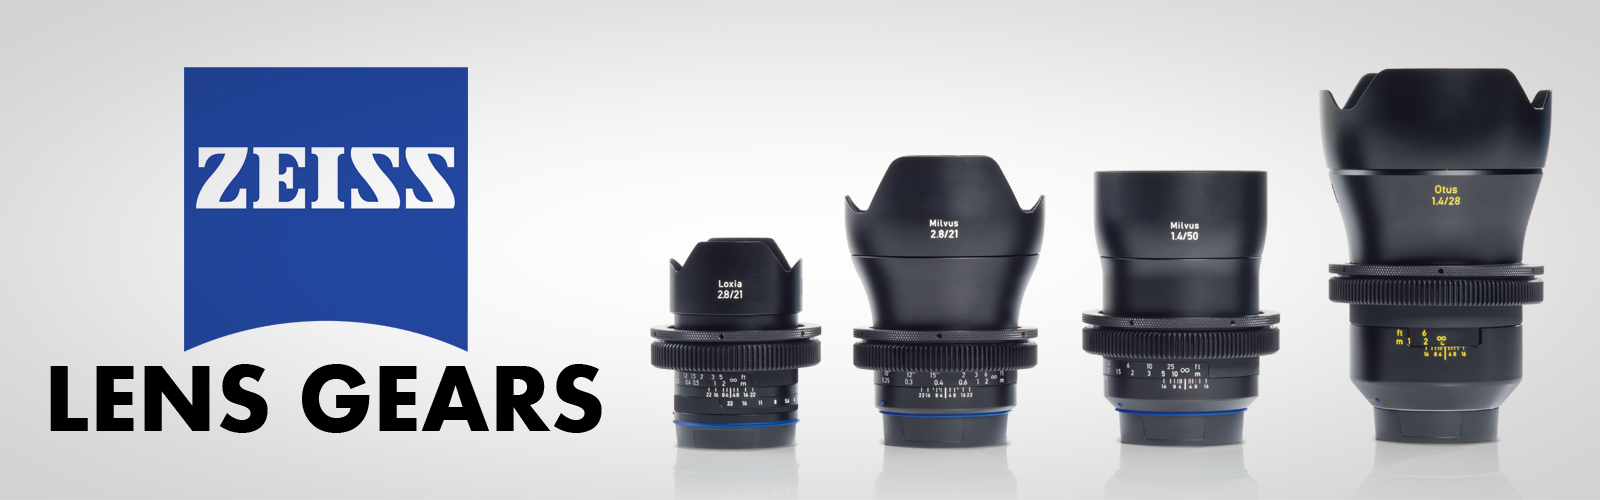 ZEISS Lens Gear Rings & Lens